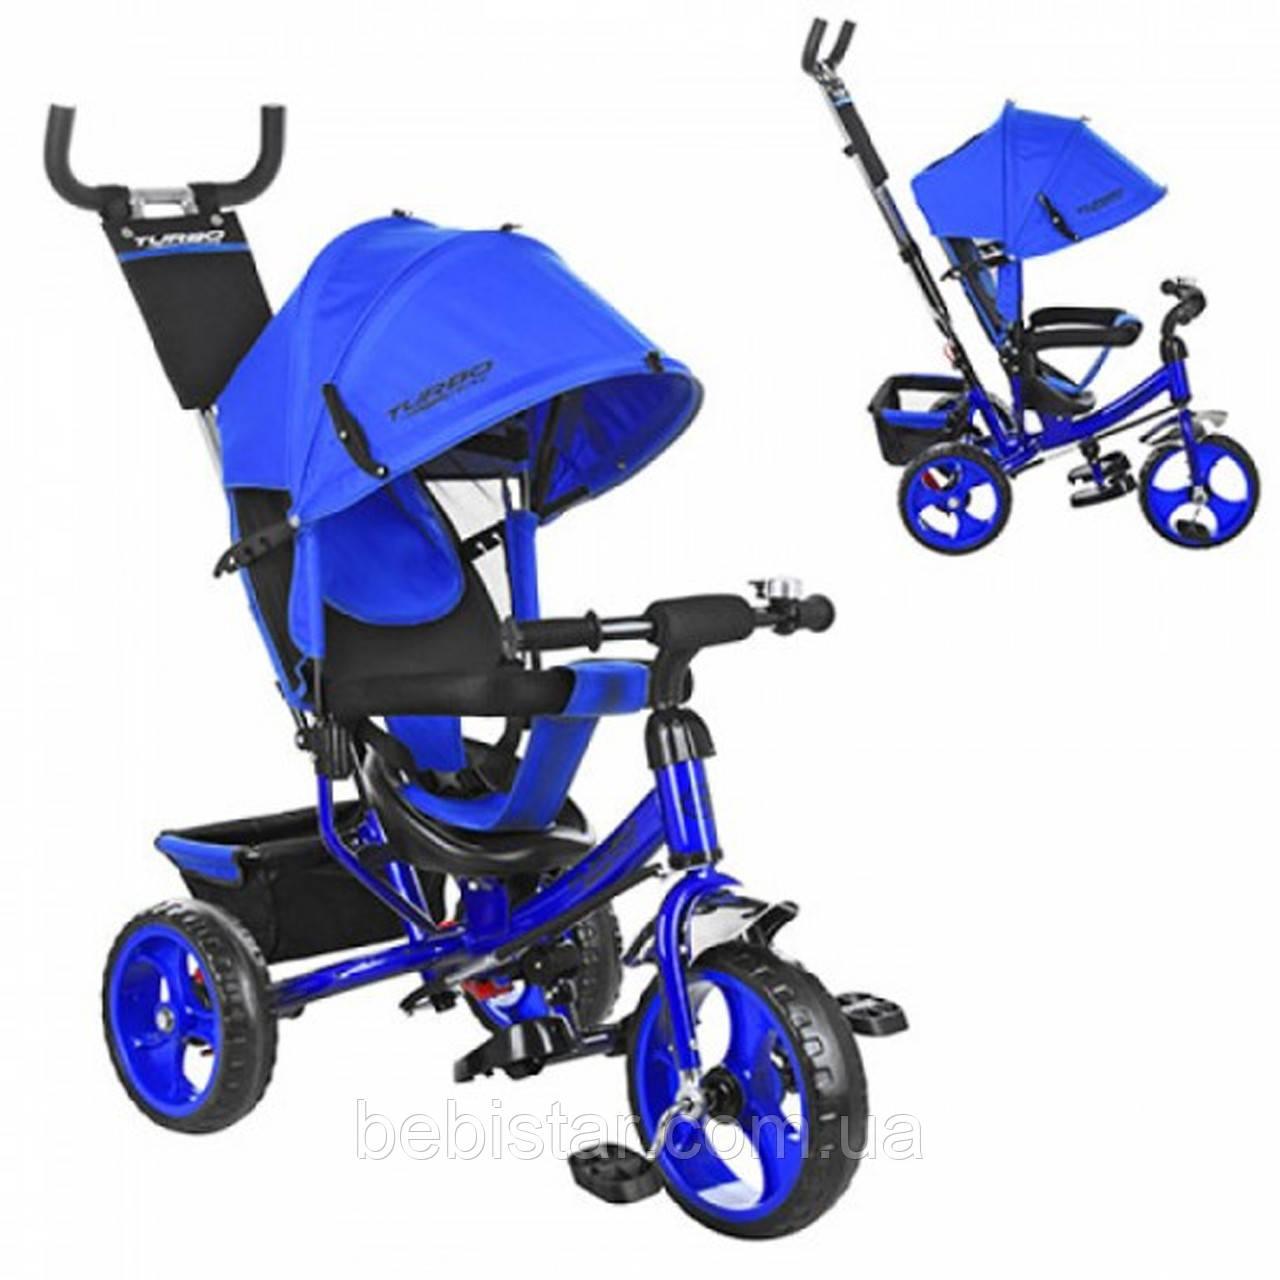 """Детский трехколесный велосипед """"Turbo Trike цвет: синий"""